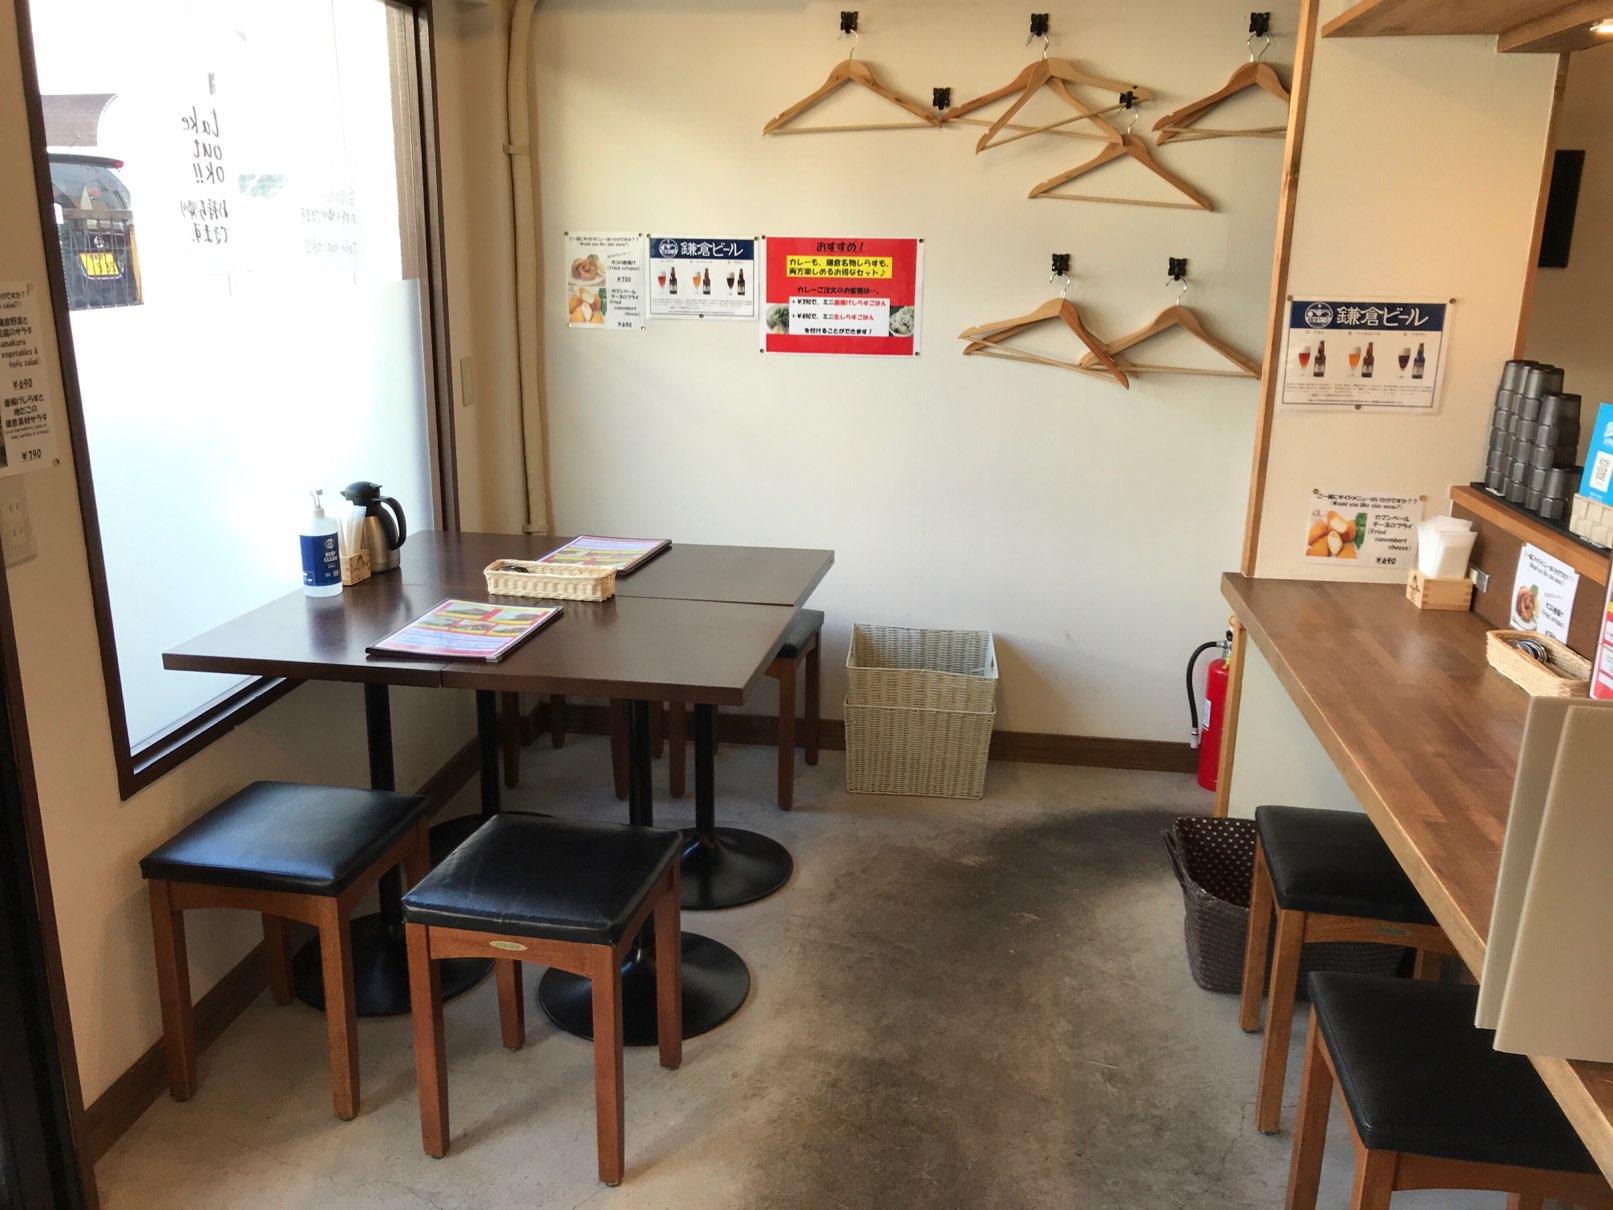 間借り飲食店の店舗物件情報「鎌倉カレー専門店」